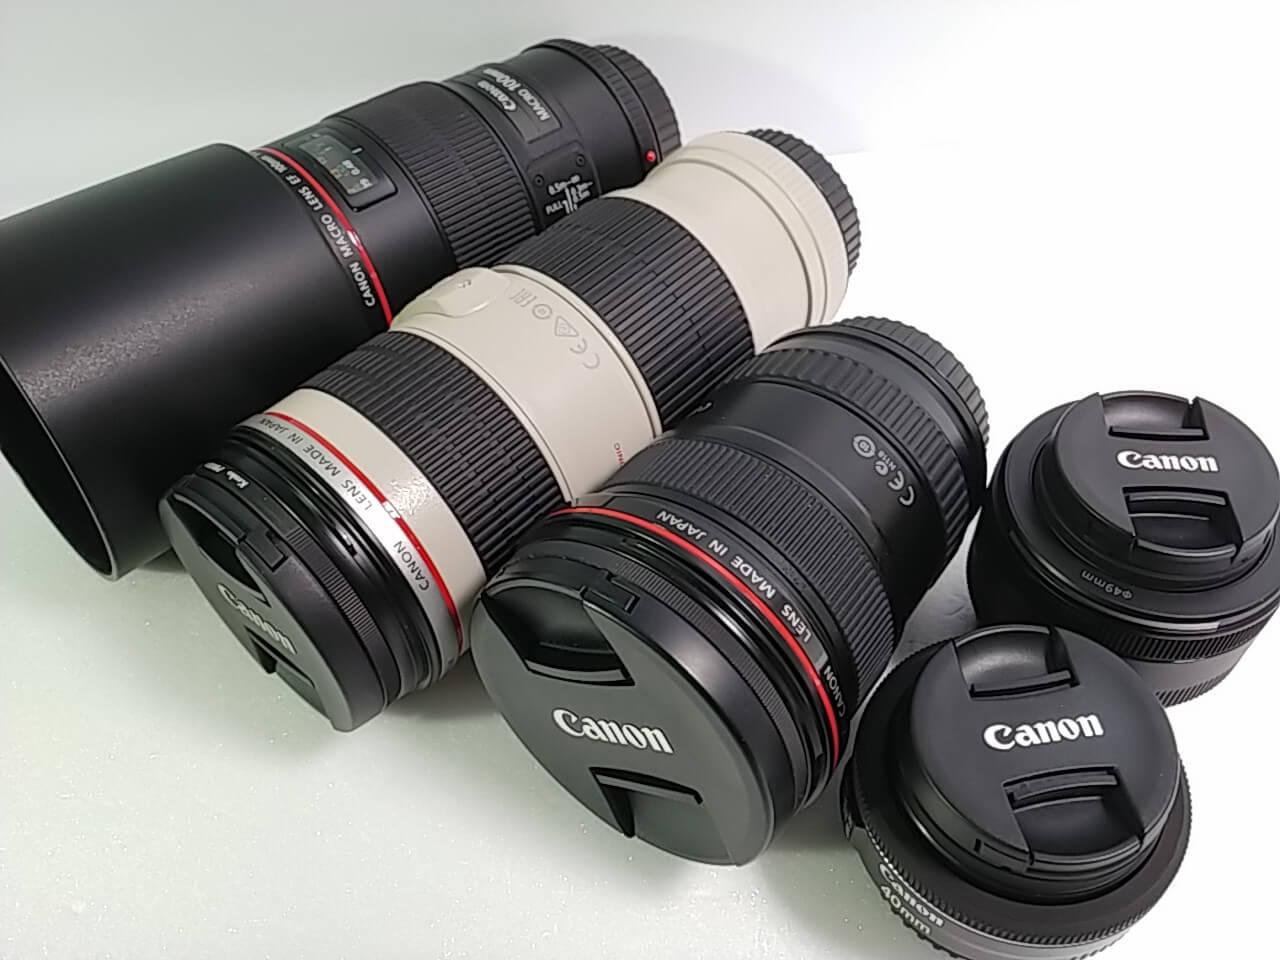 キャノン EF USM レンズなど 高価買取